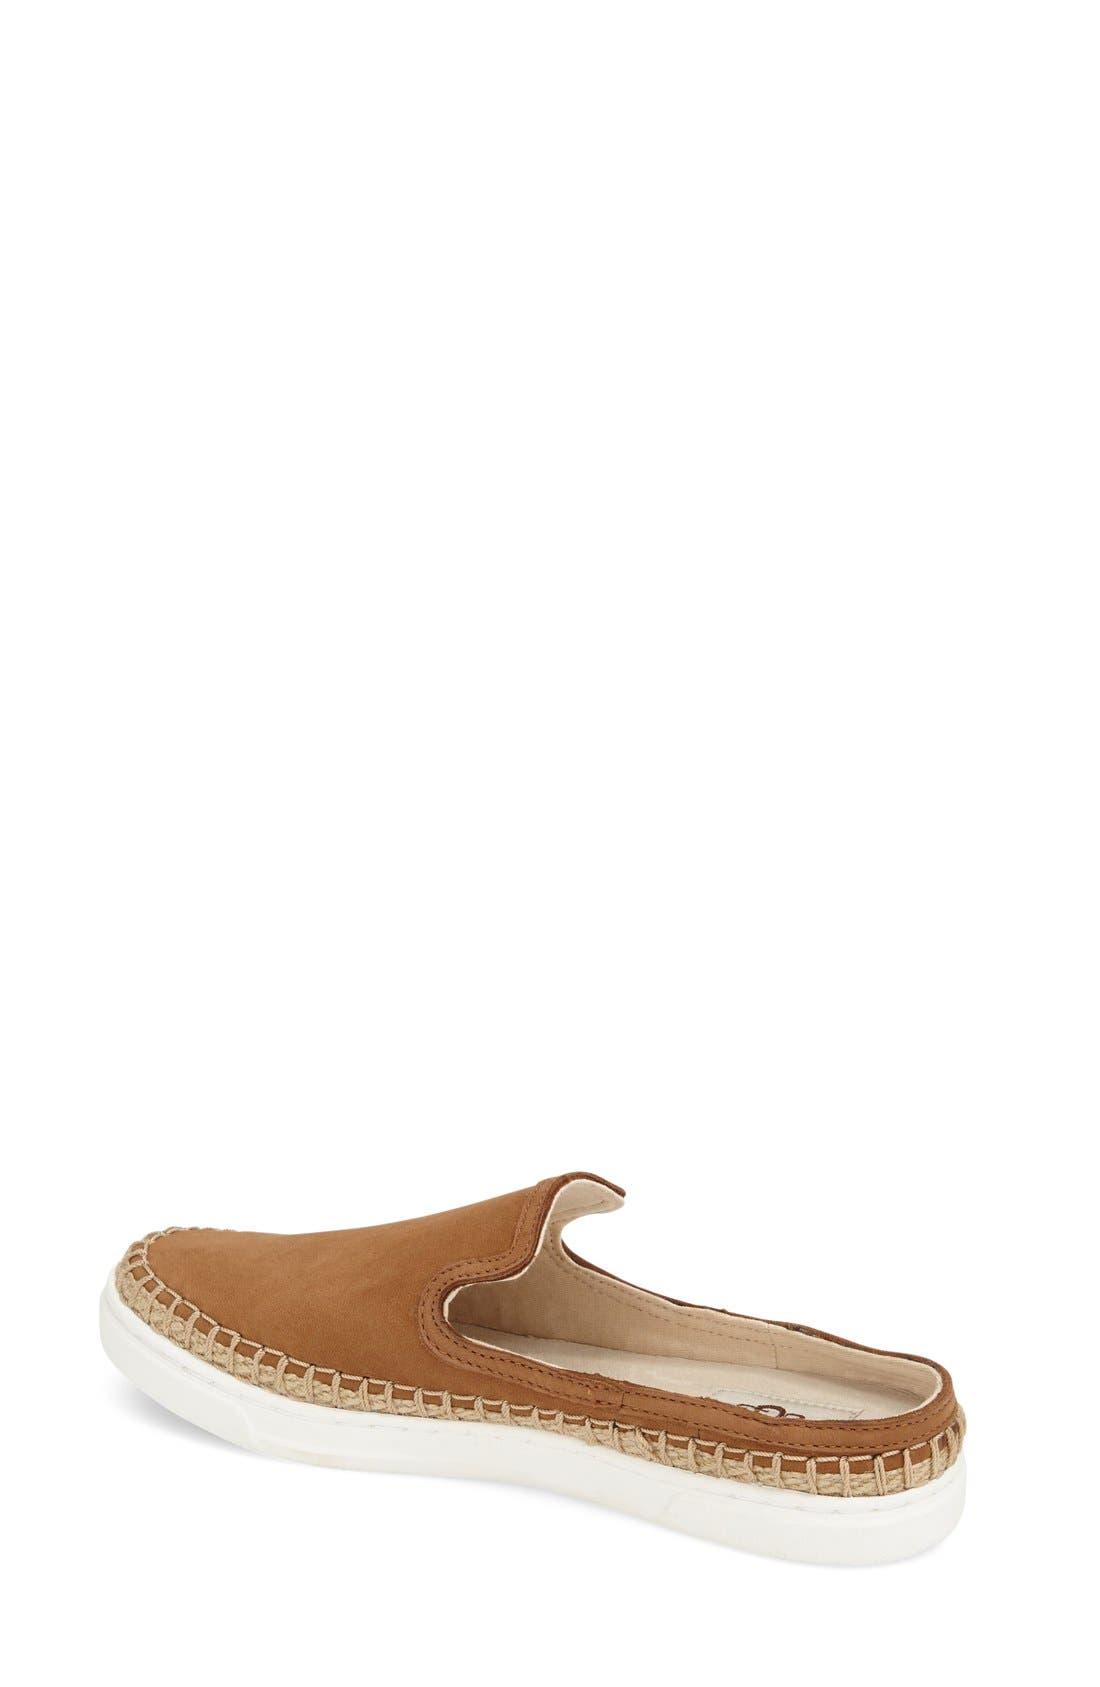 'Caleel' Slip-On Sneaker,                             Alternate thumbnail 3, color,                             219